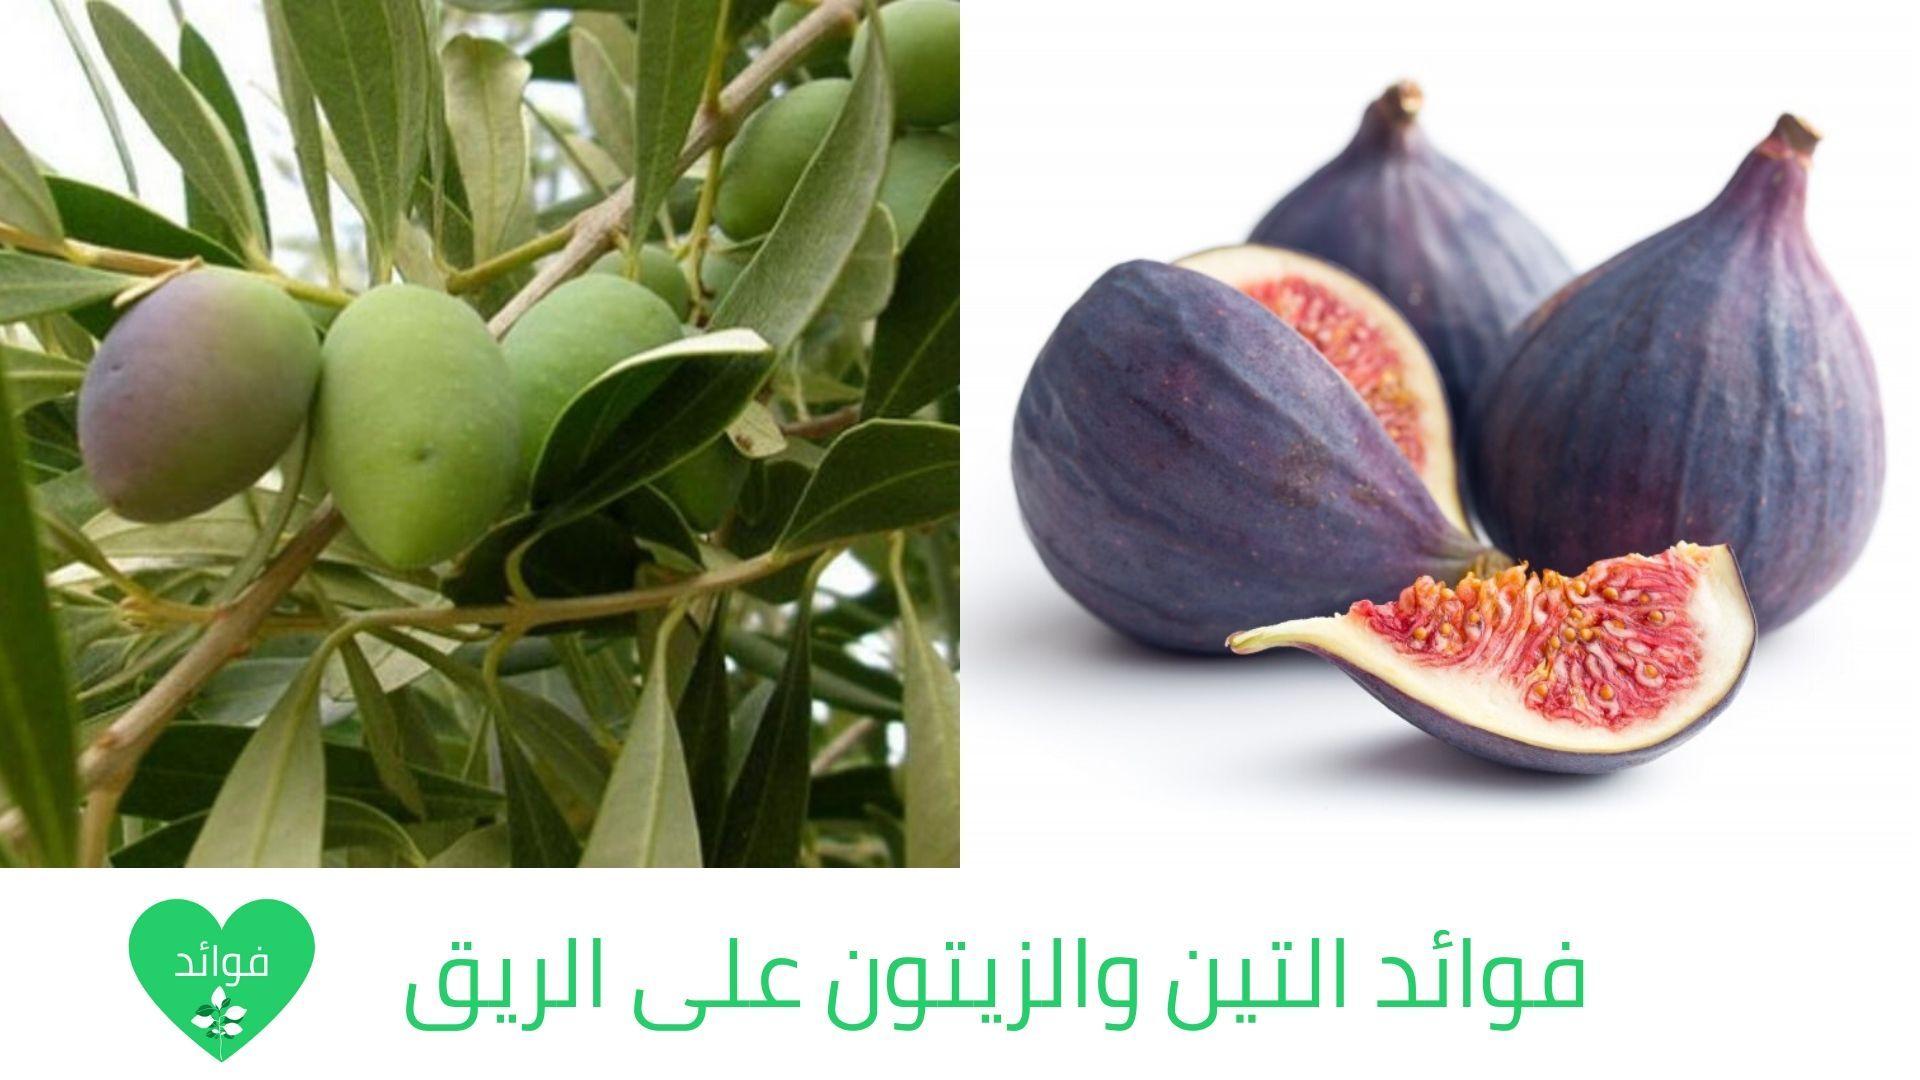 فوائد التين والزيتون على الريق لن تتوقف عن تناولهم بعد معرفة فوائدهم Vegetables Onion Eggplant